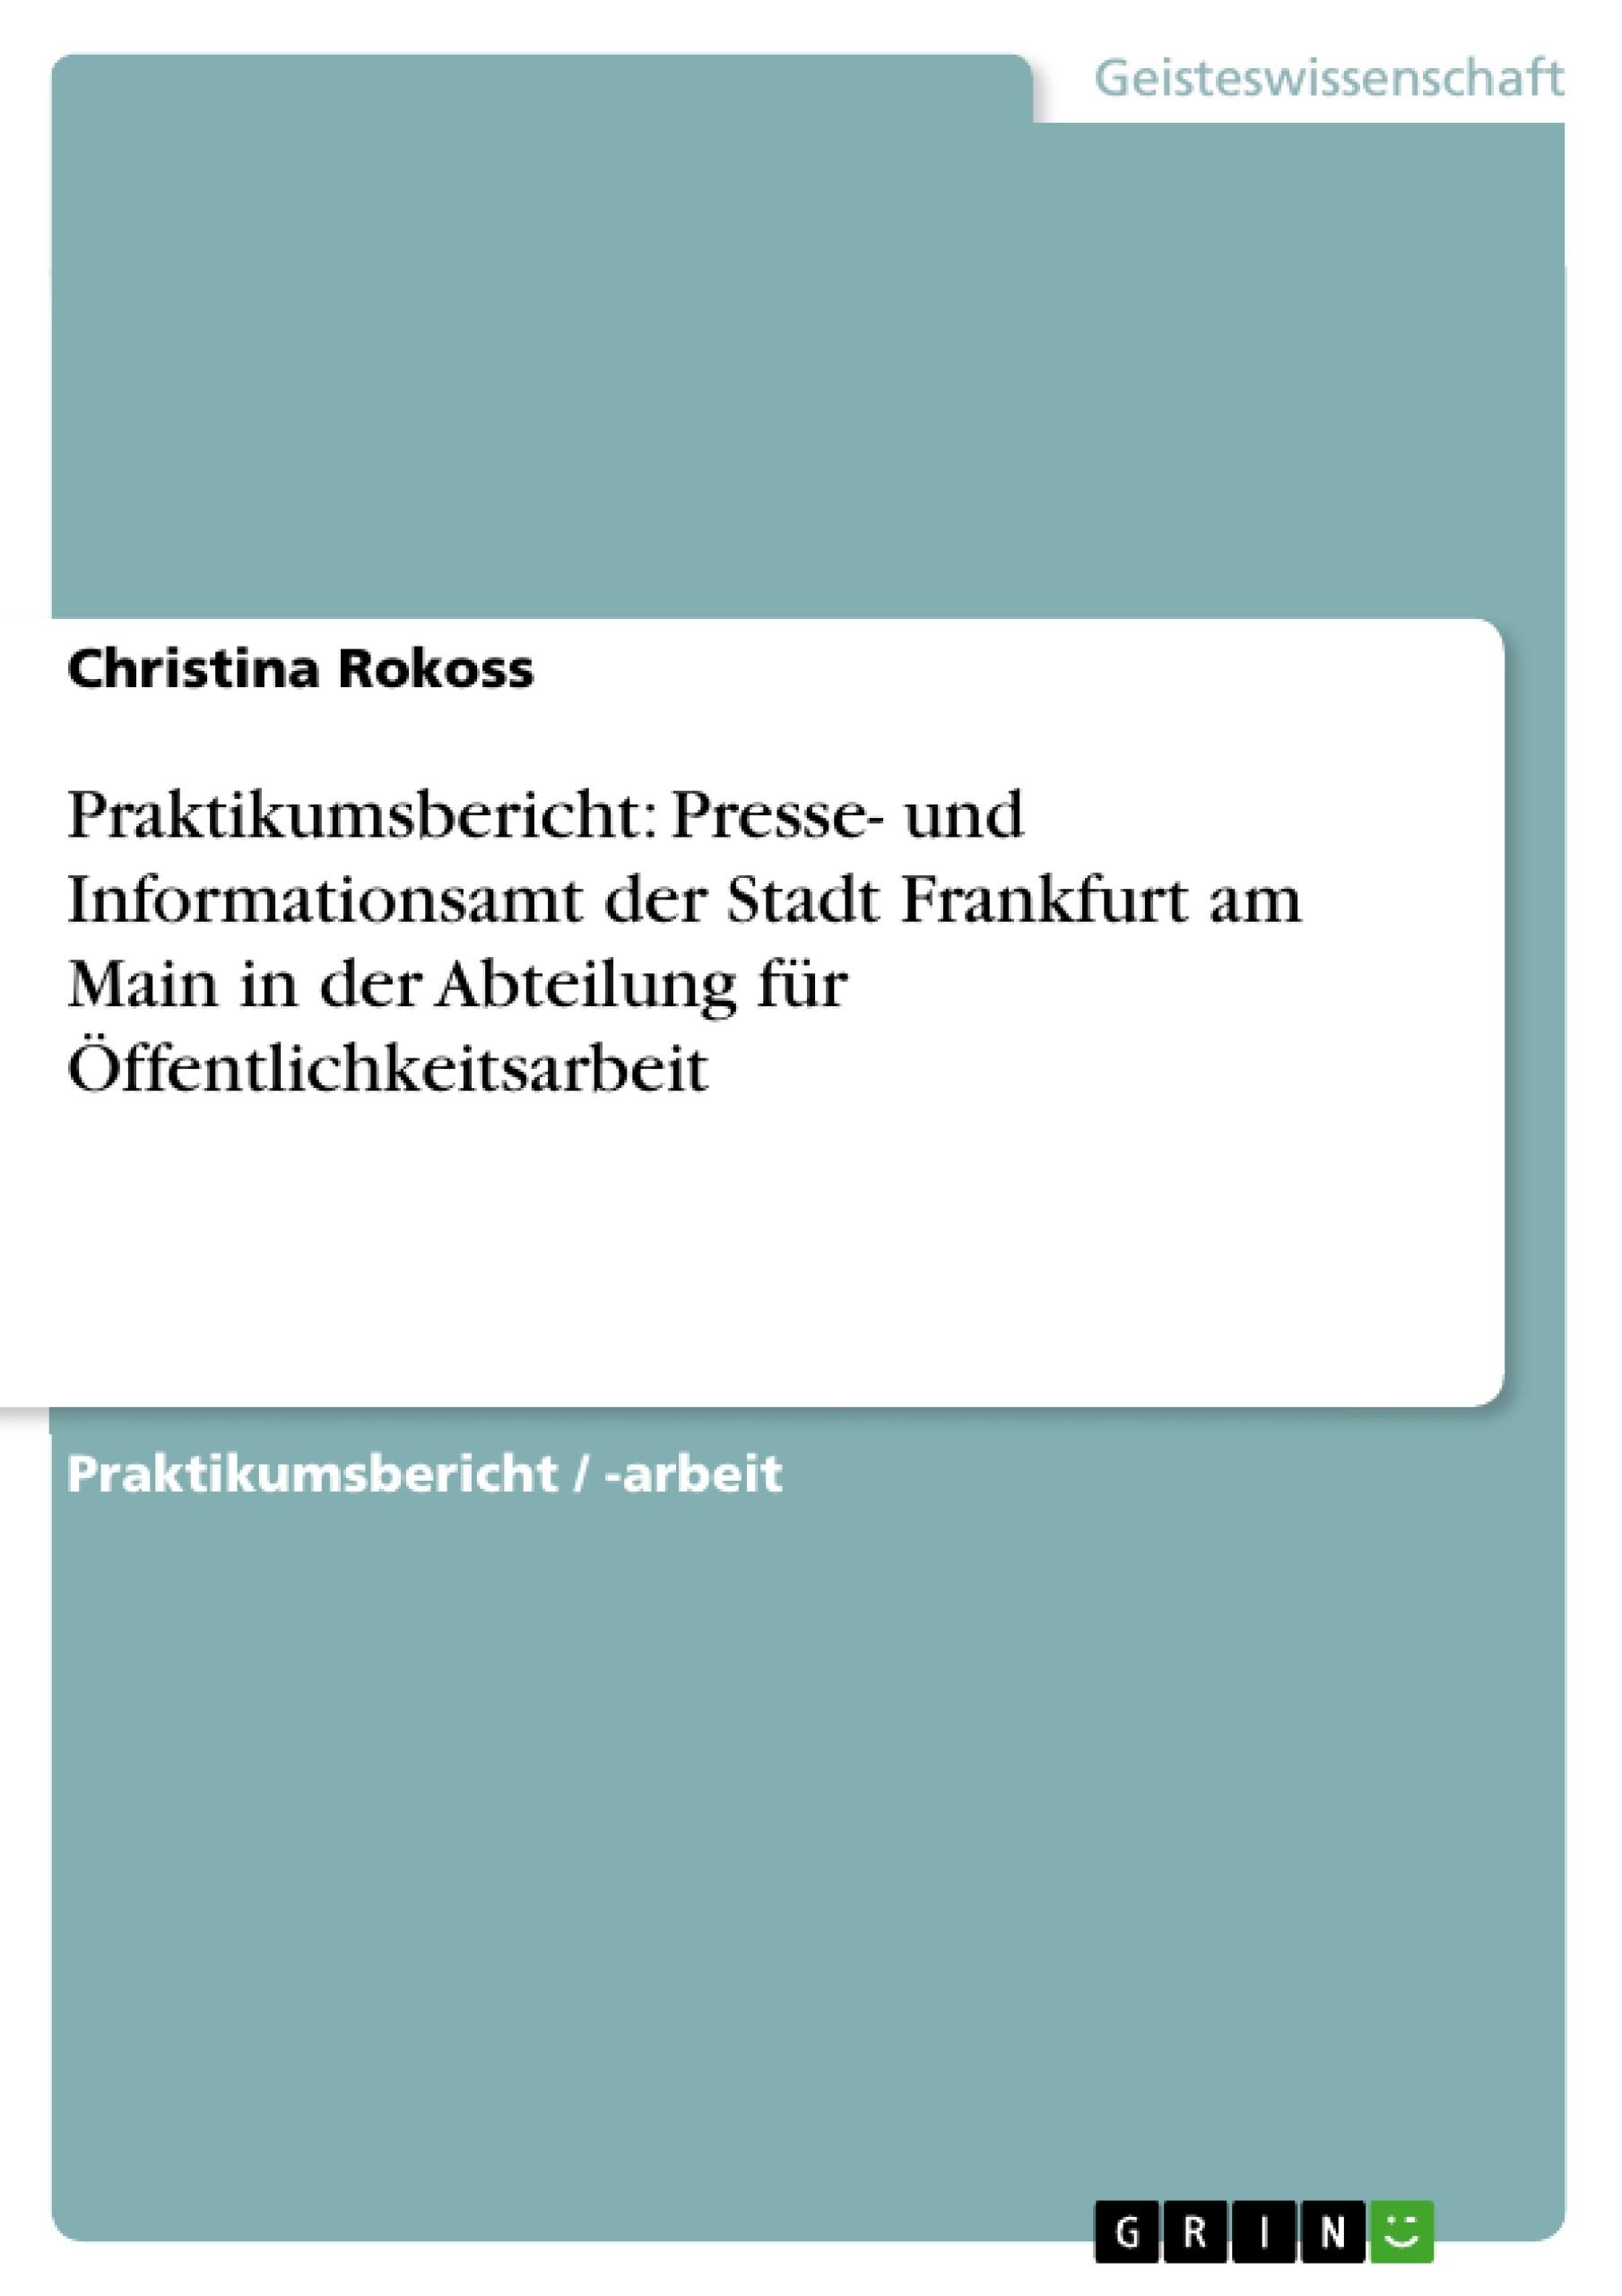 Titel: Praktikumsbericht: Presse- und Informationsamt der Stadt Frankfurt am Main in der Abteilung für Öffentlichkeitsarbeit